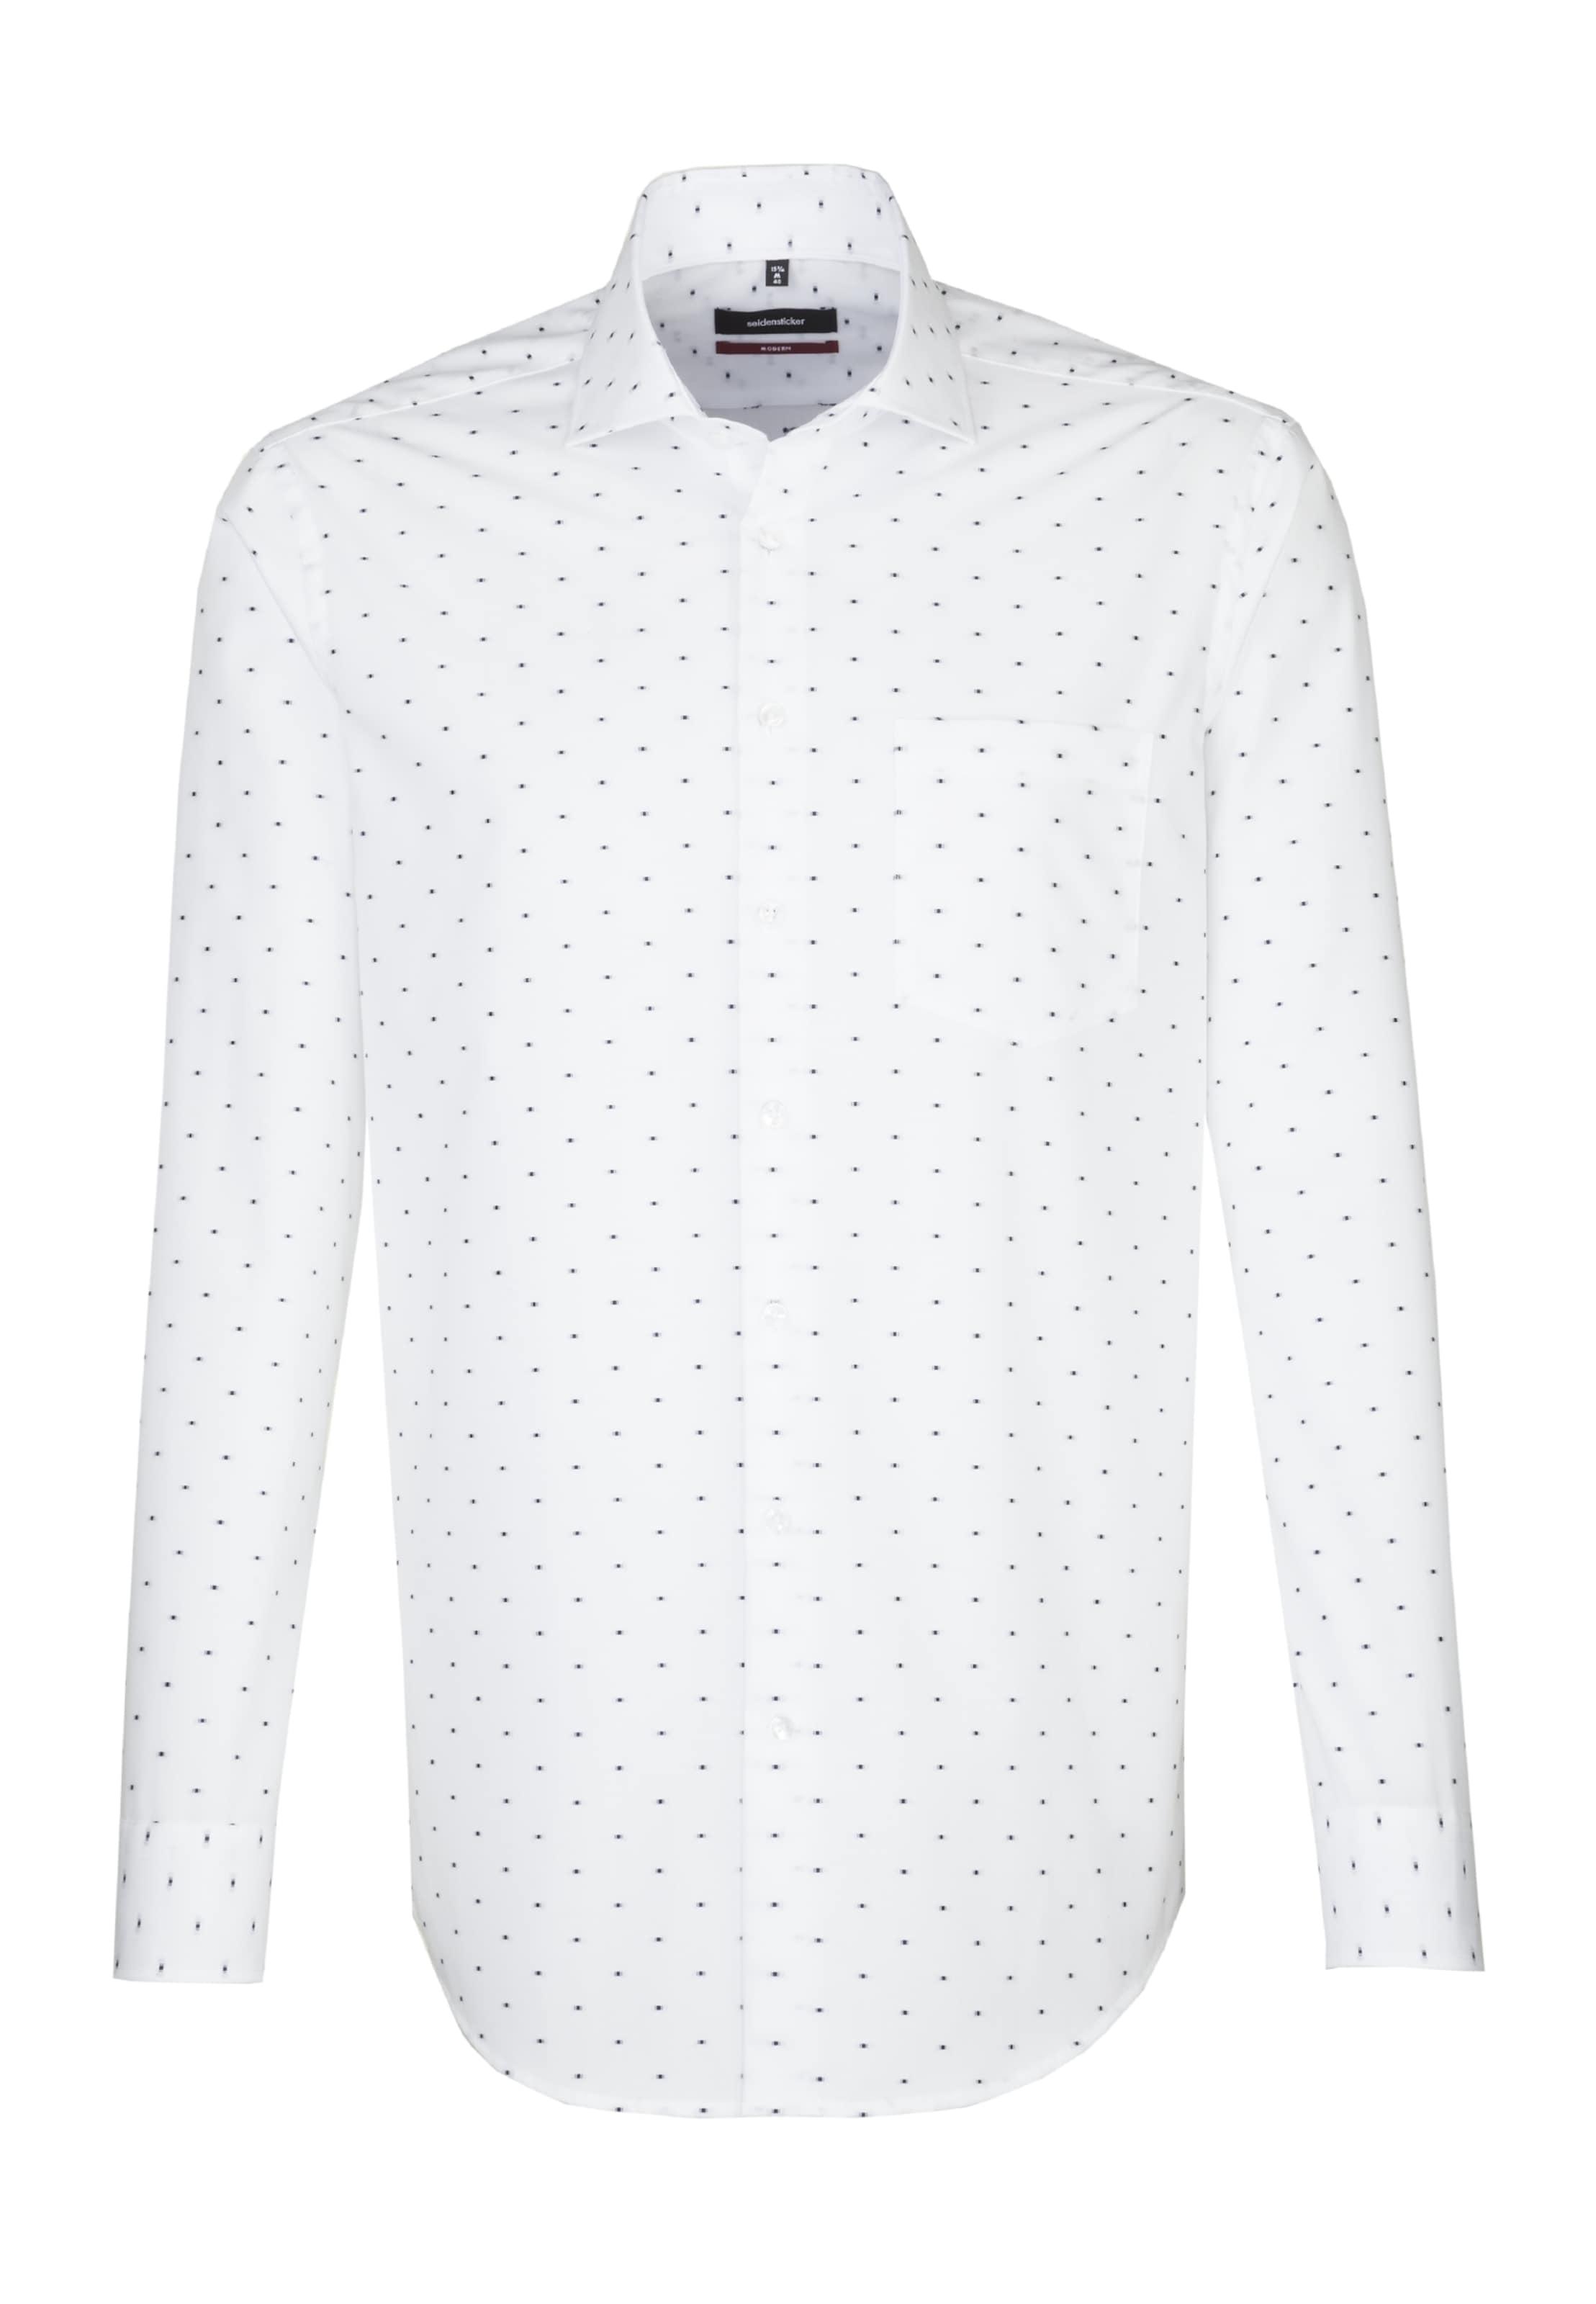 SEIDENSTICKER City-Hemd 'Modern' Online-Shopping Online-Verkauf Freies Verschiffen Vorbestellung 0J82jFAMd